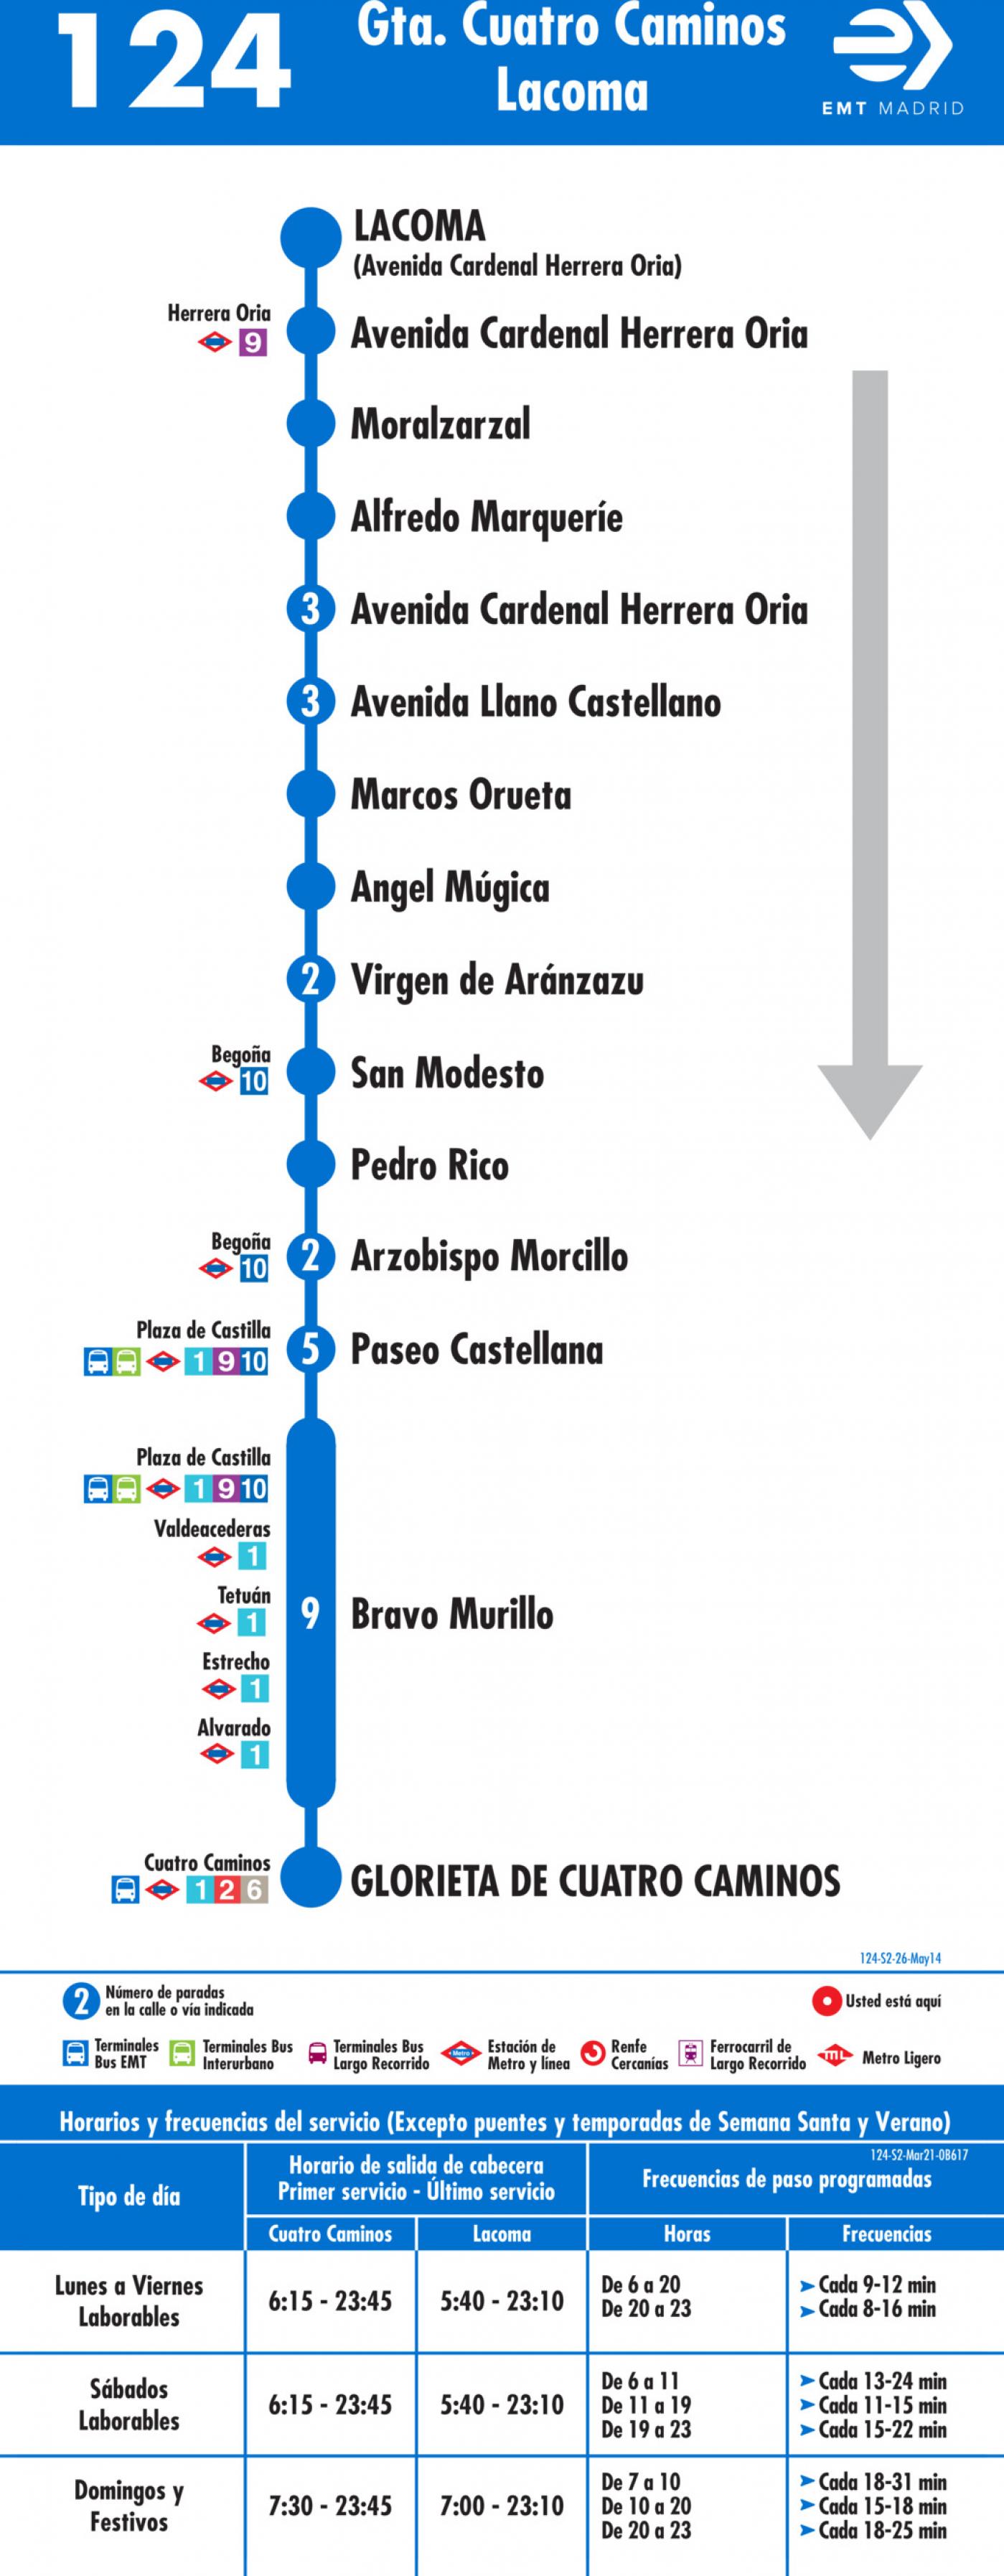 Tabla de horarios y frecuencias de paso en sentido vuelta Línea 124: Glorieta de Cuatro Caminos - Lacoma